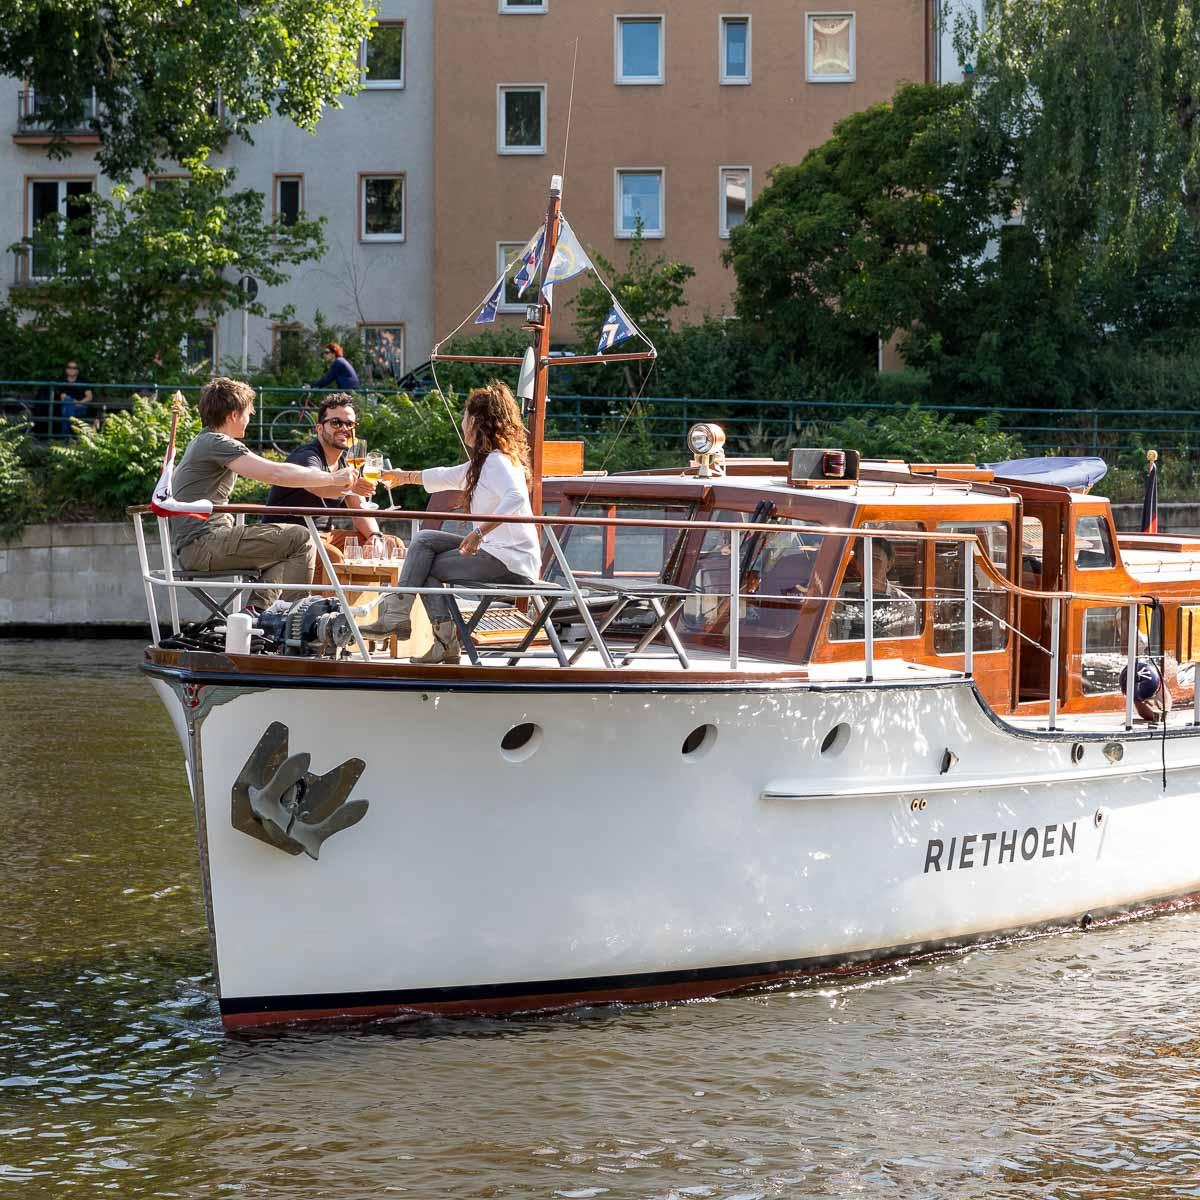 Riethoen Exklusive Bootstouren auf der Spree-3